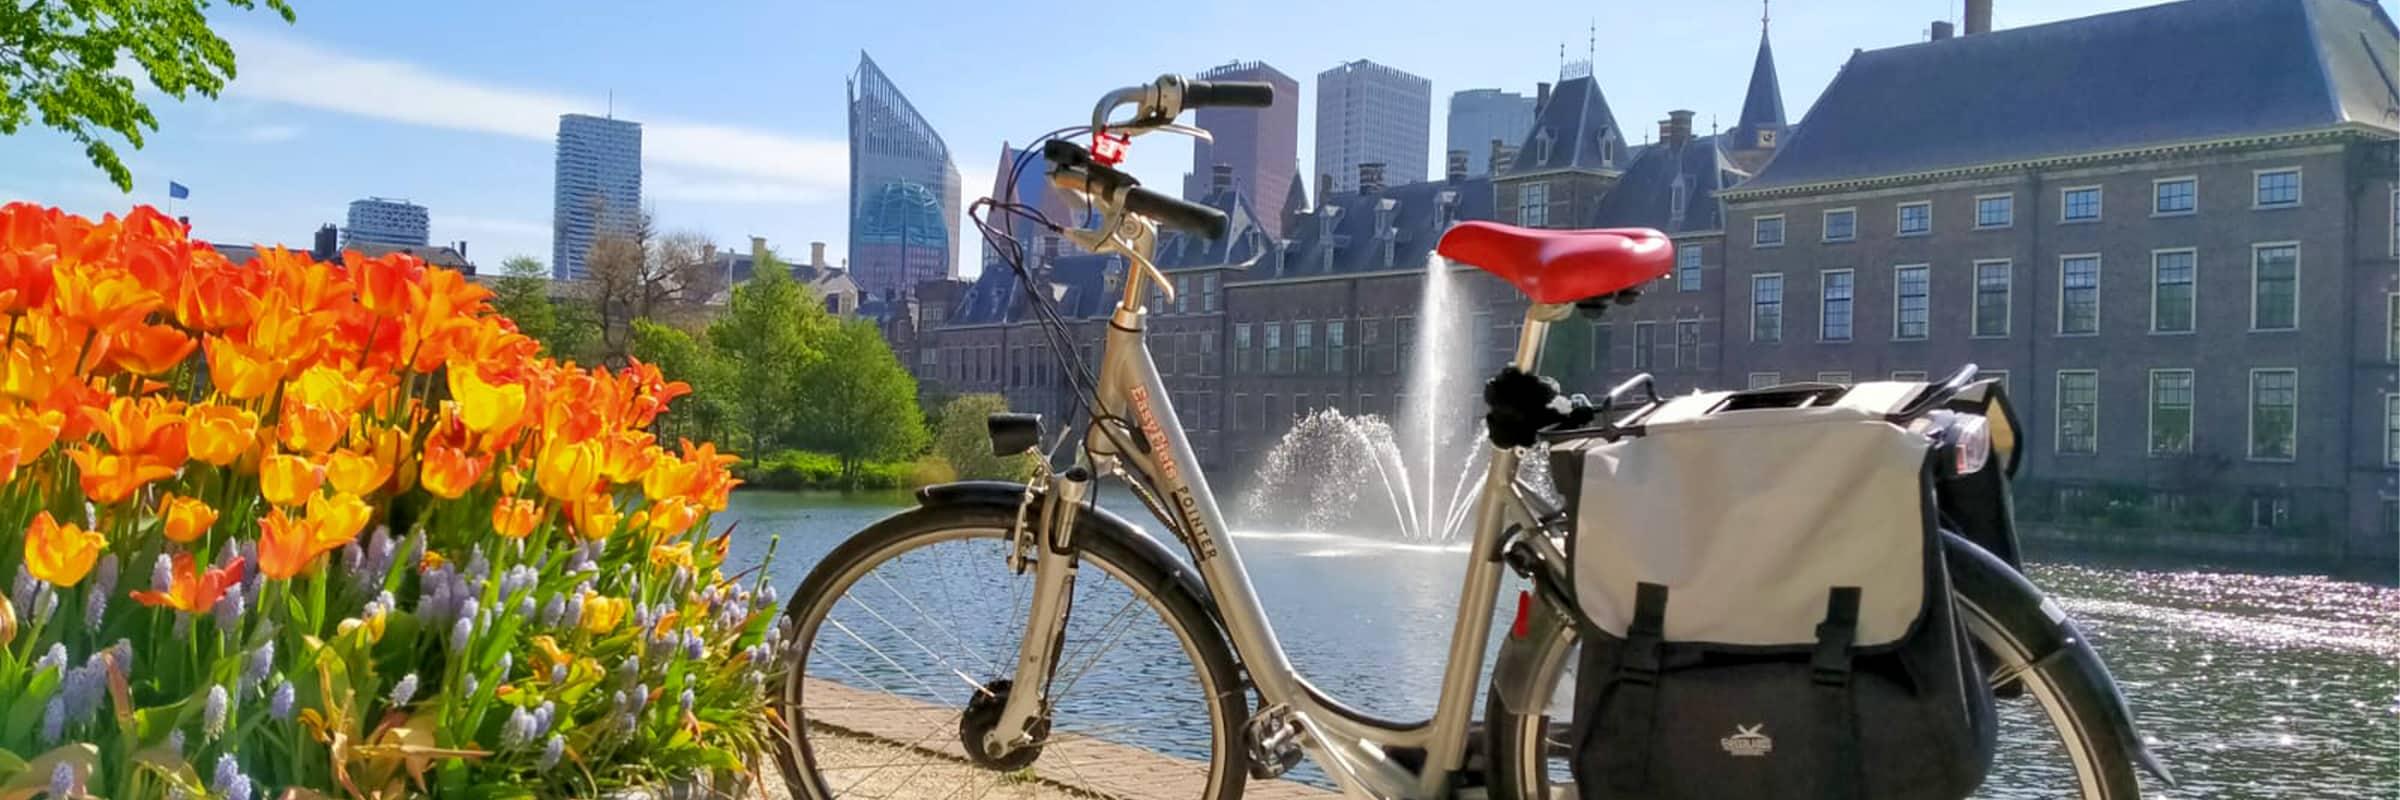 E-bike-Den-Haag-Hofvijver_2400x800